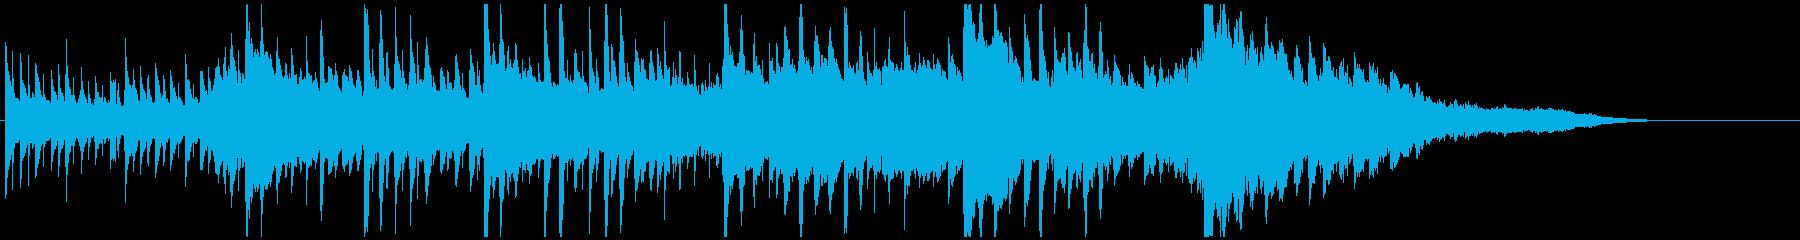 壮大ピアノジングル 感動的迫力ドキドキ感の再生済みの波形